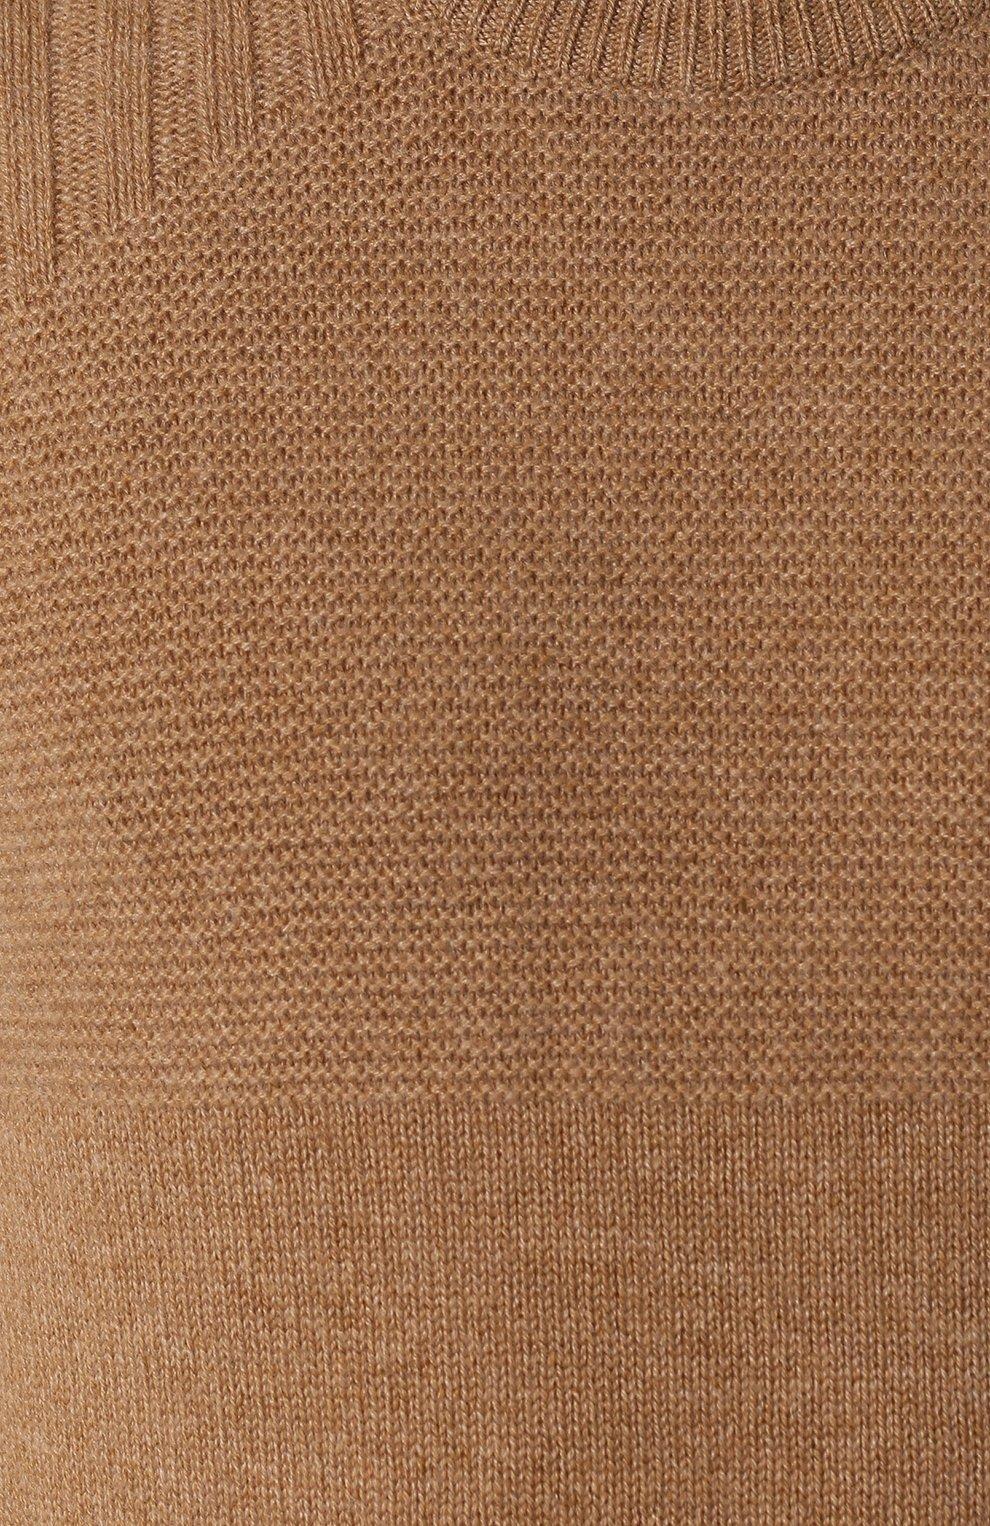 Мужской кашемировый джемпер KITON бежевого цвета, арт. UK1122 | Фото 5